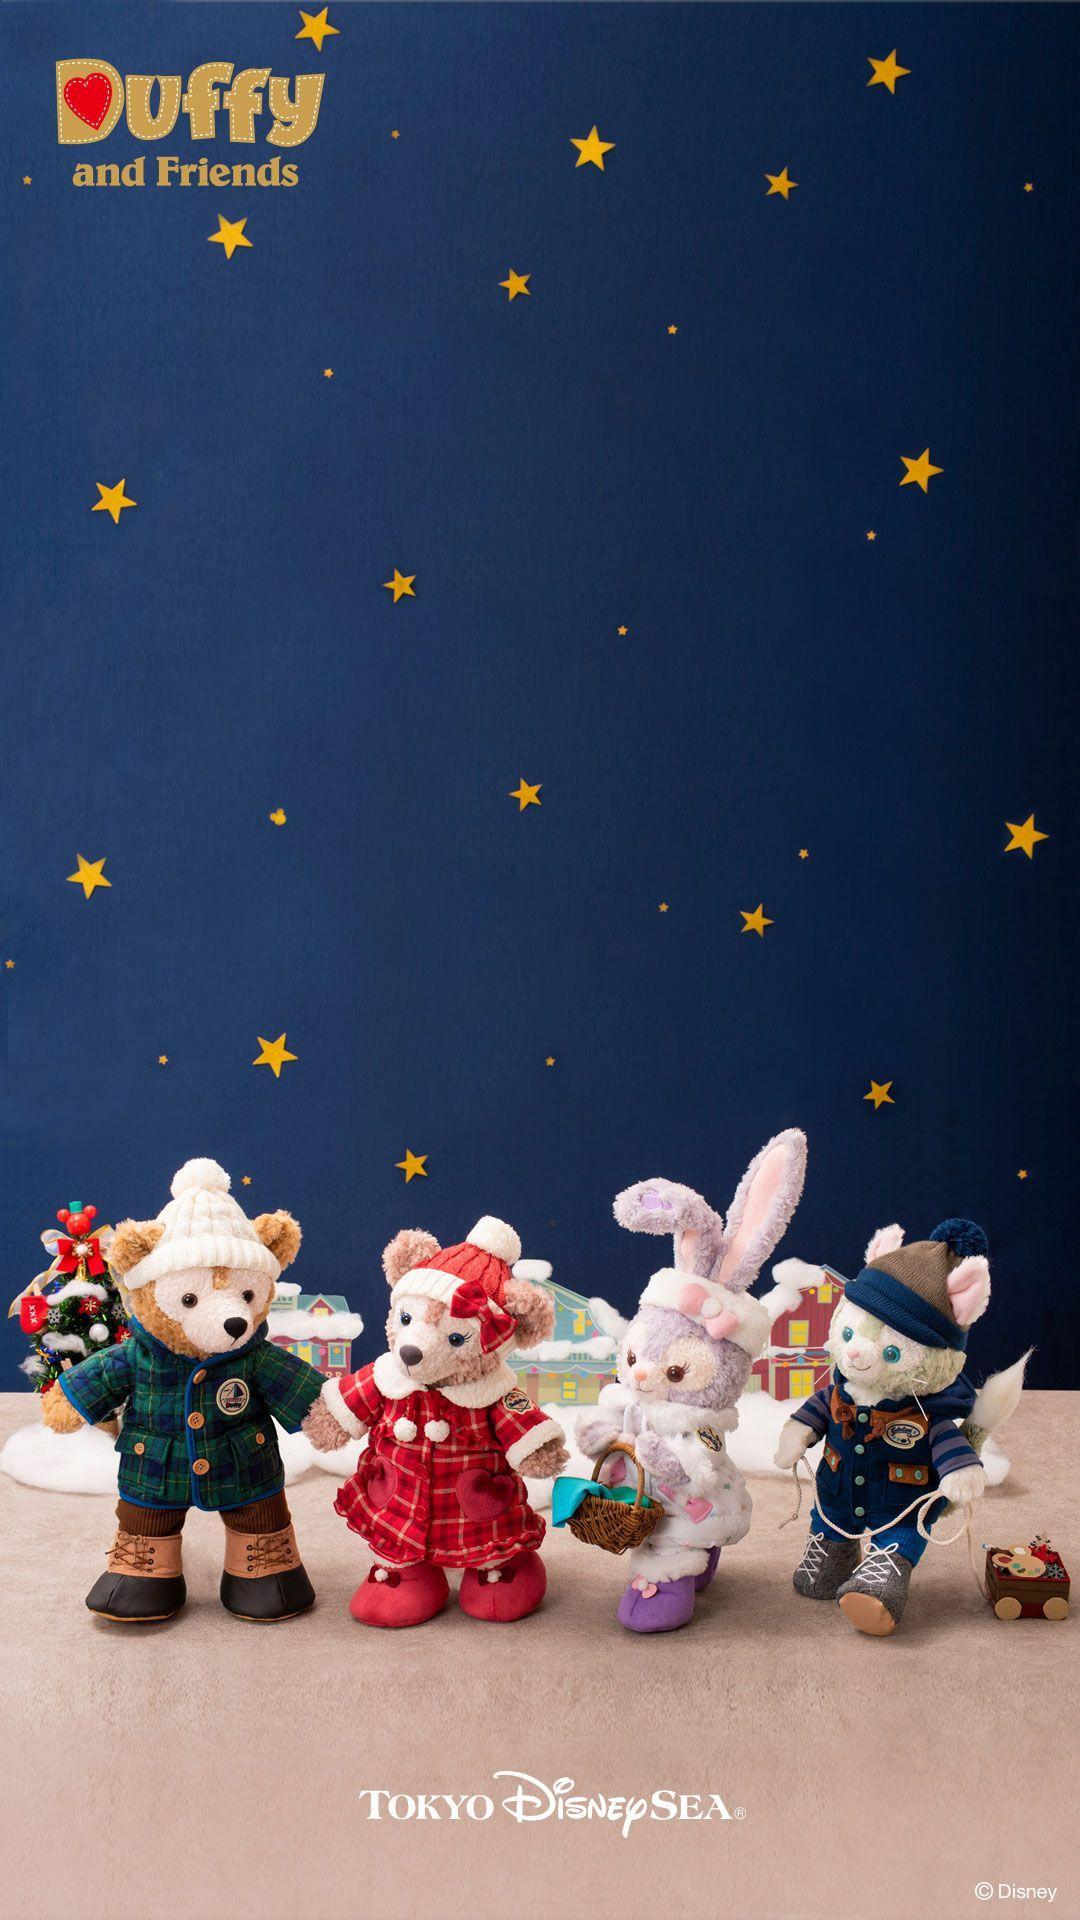 カレンダーなし Iphone用 1080 19 ディズニー 可愛い 壁紙 ディズニーランド クリスマス ディズニー 壁紙 おしゃれ